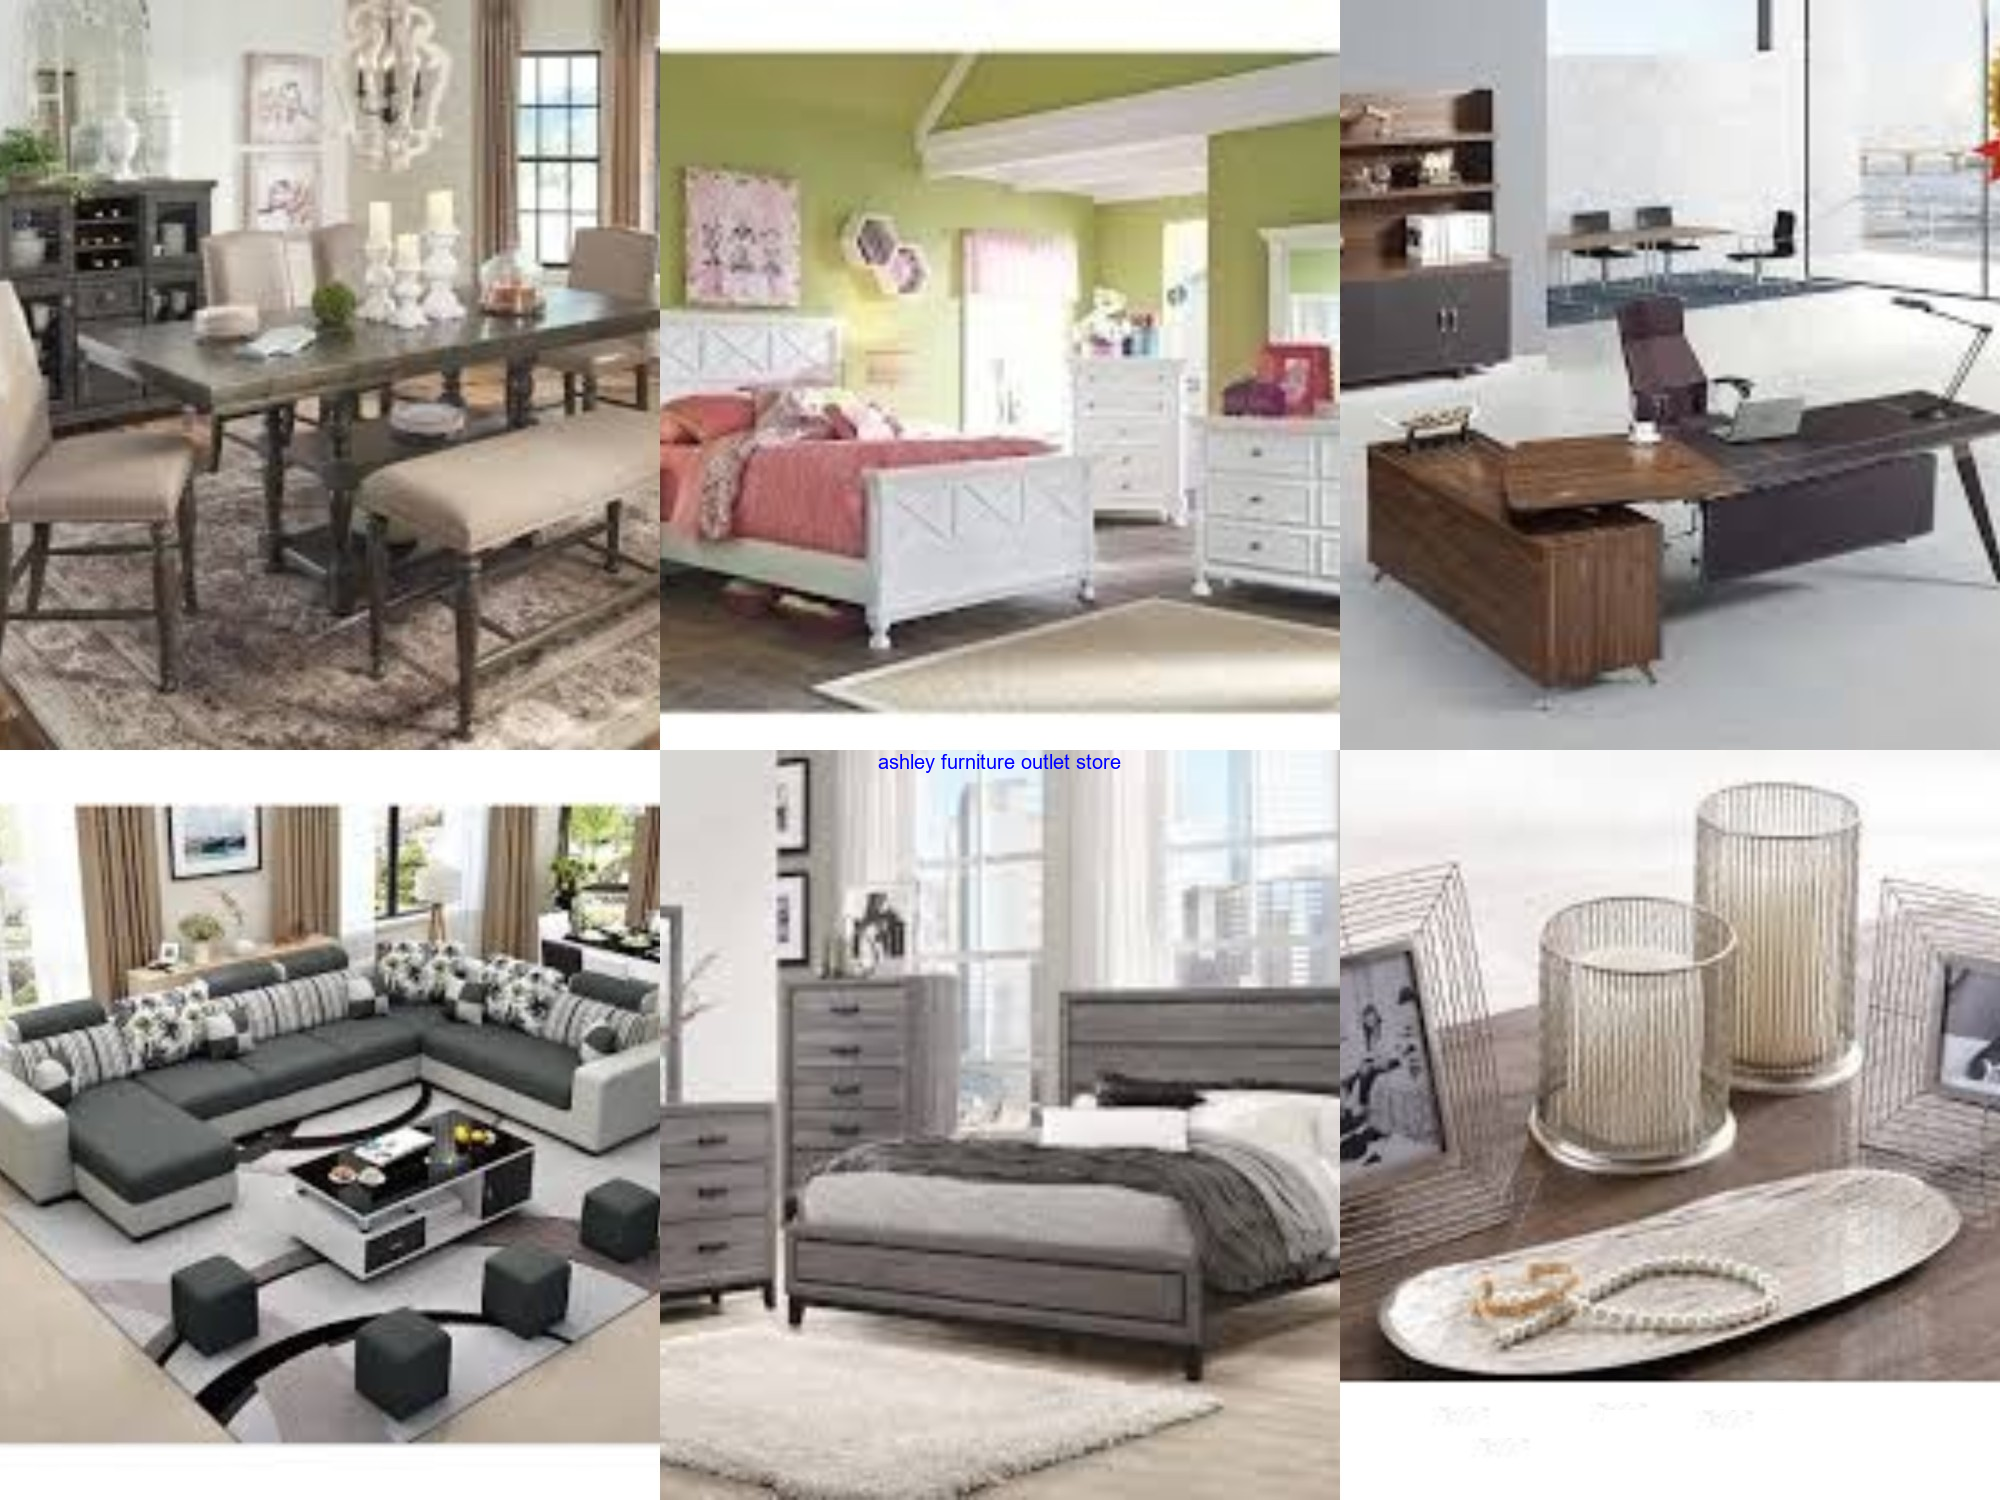 Ashley Furniture Outlet I